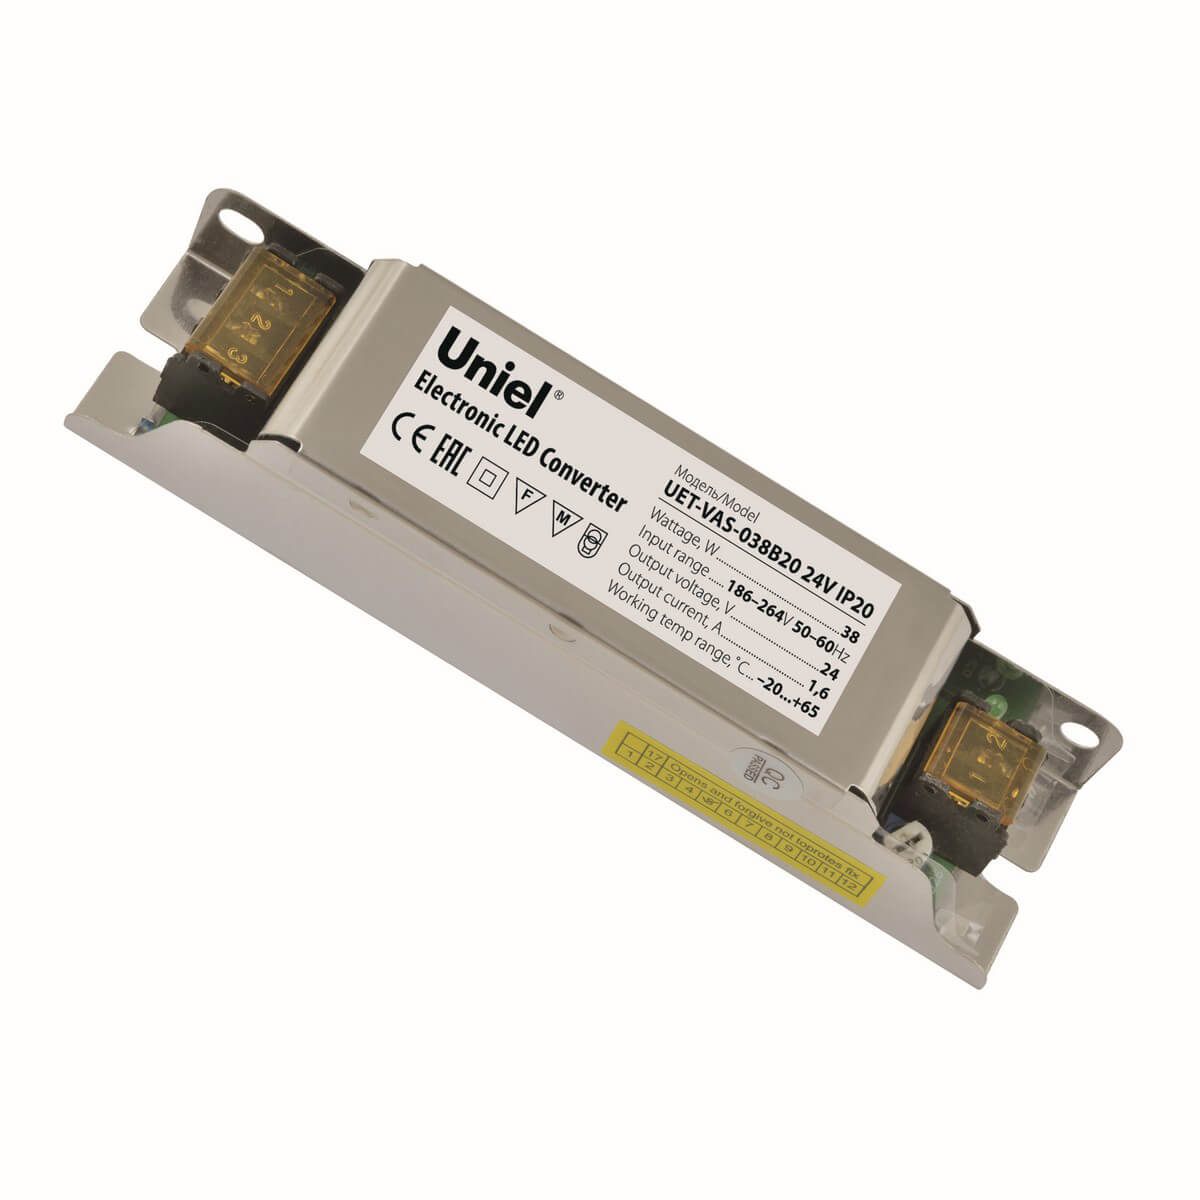 Блок питания (UL-00002427) Uniel UET-VAS-038B20 24V IP20 блок питания ul 00002433 uniel uet vas 200b20